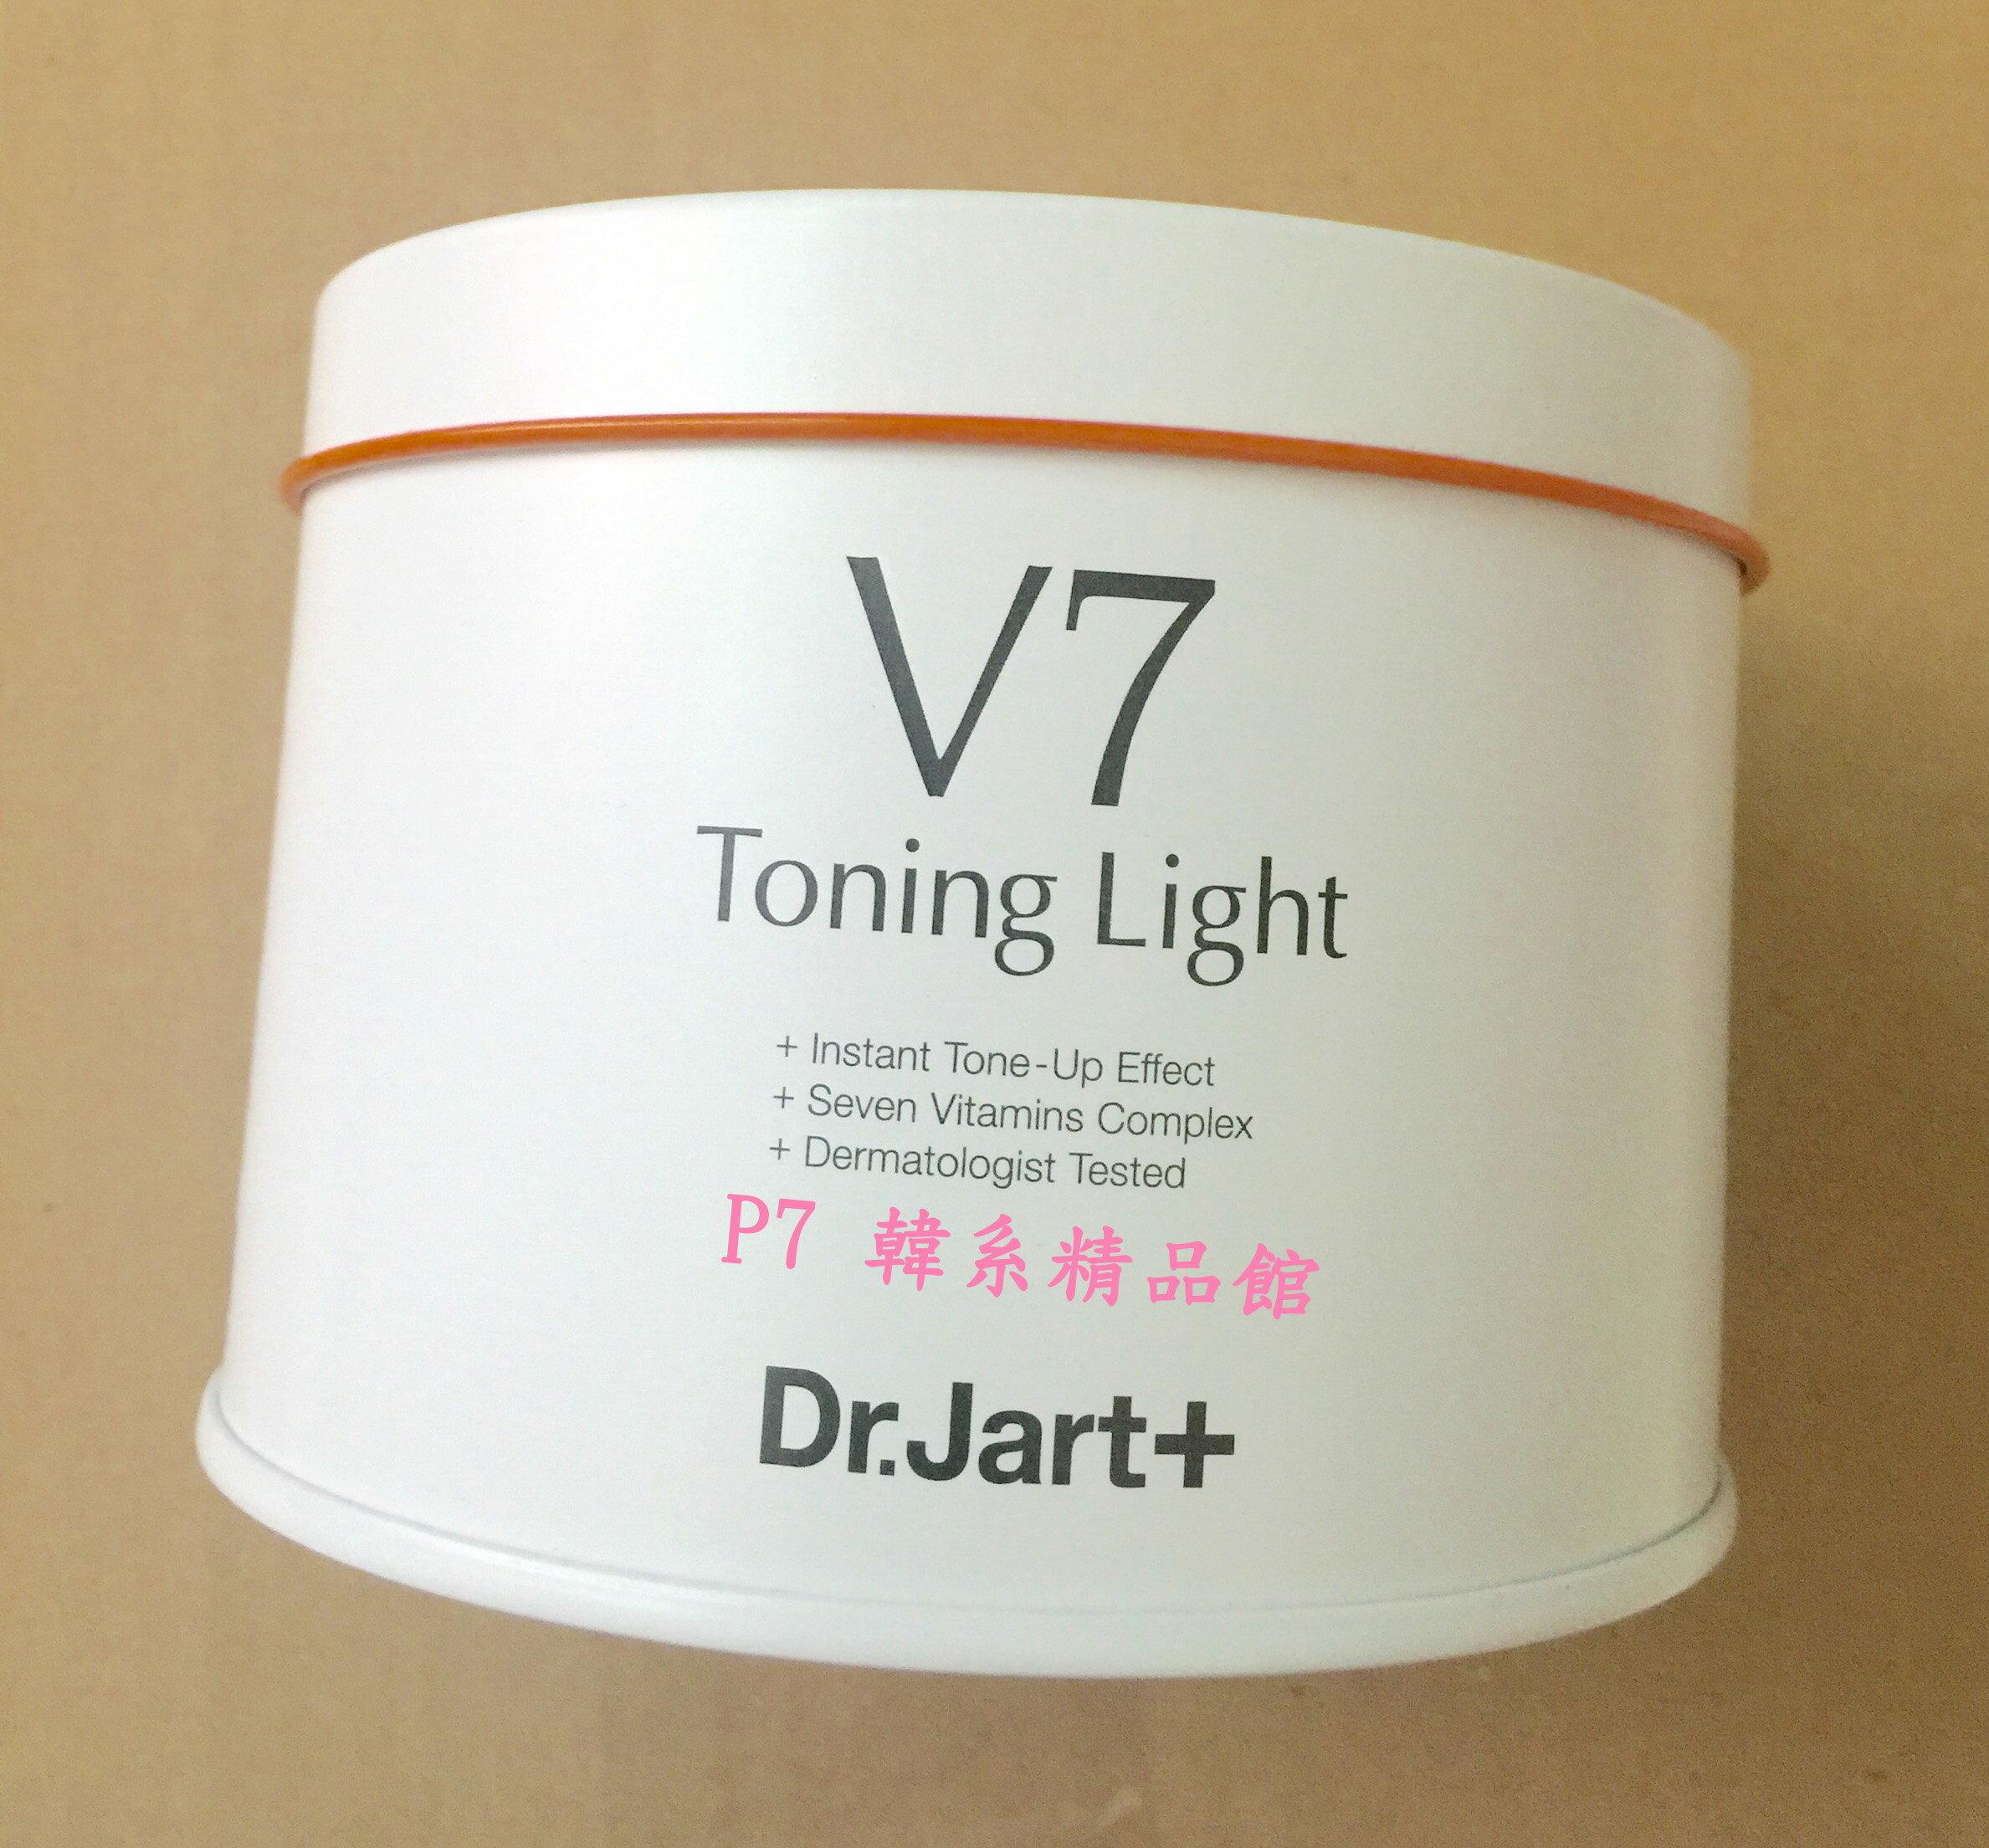 Dr.jart V7 ToningLight 維他命奇跡美白霜維生素亮白精華素顏霜提亮霜懶